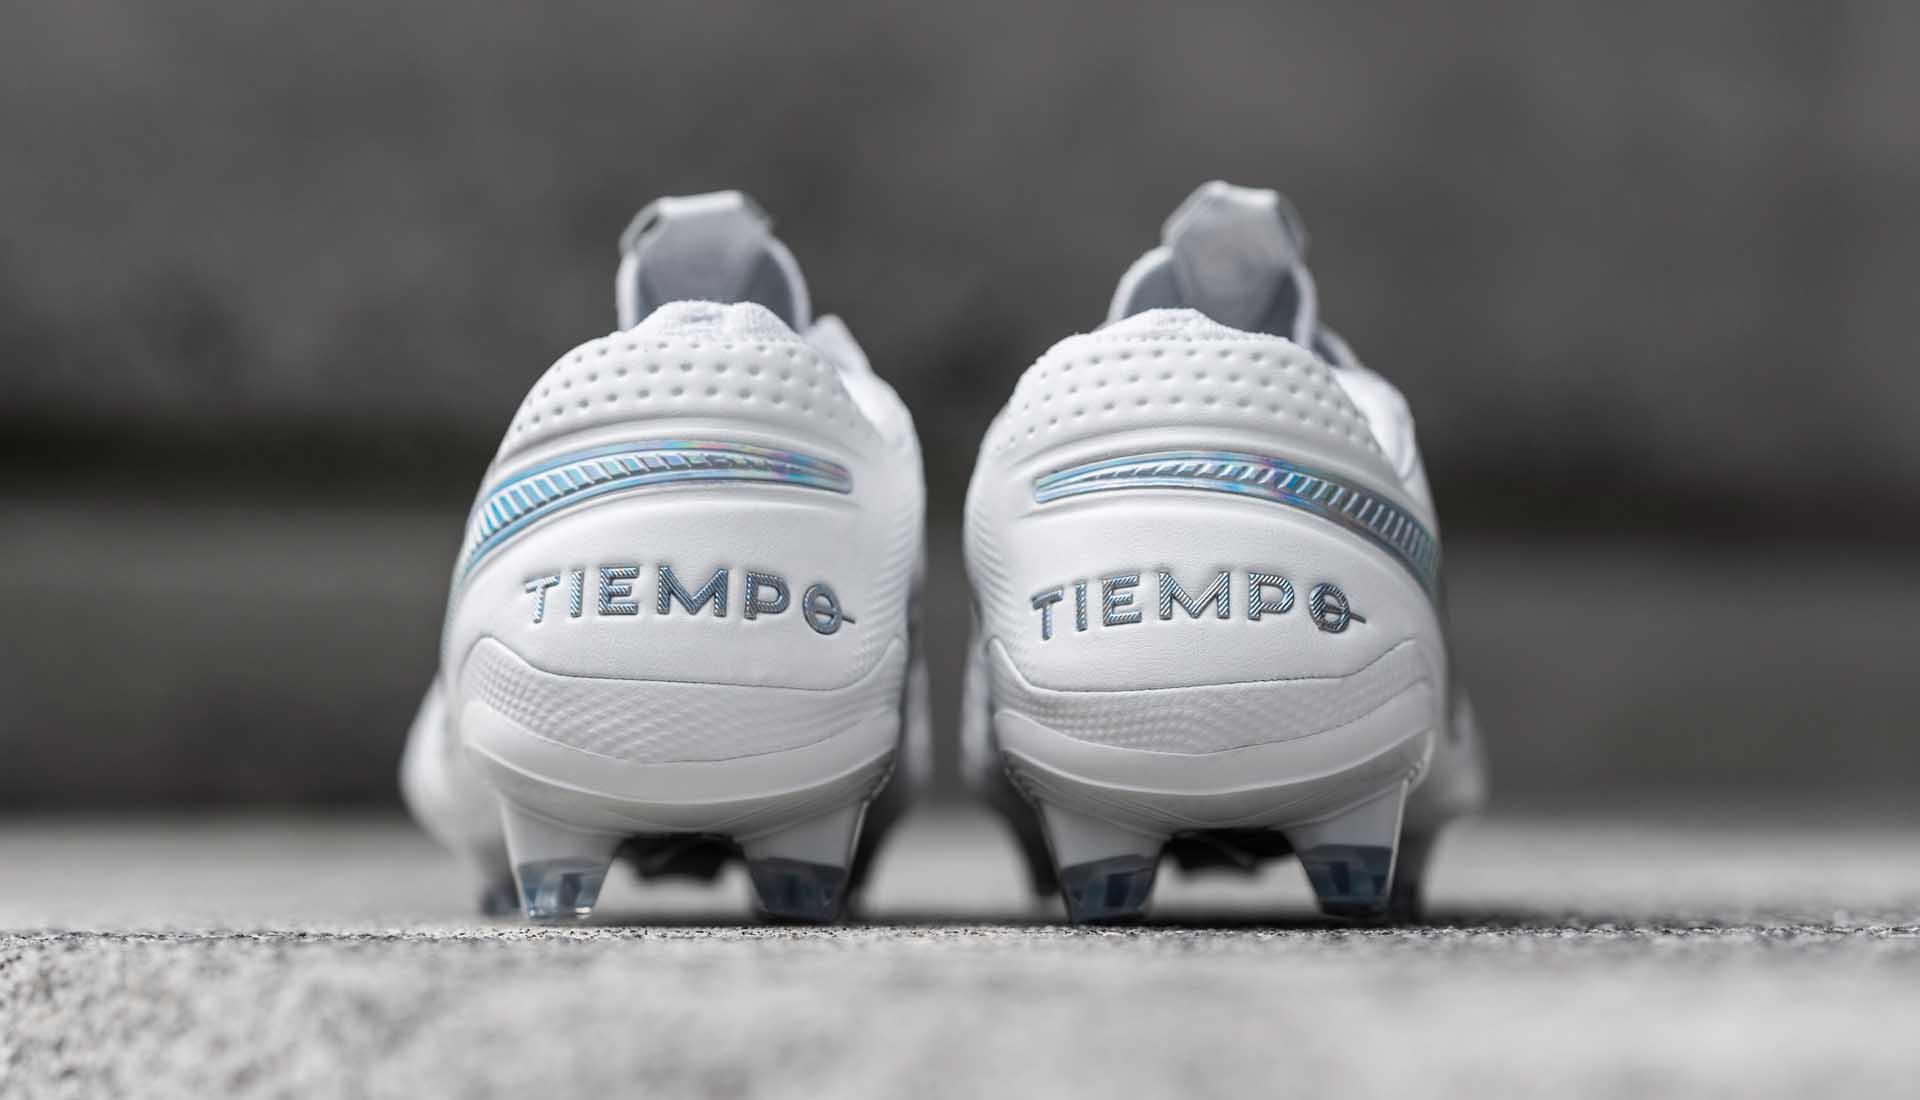 Giày bóng đá Nike Tiempo da thật đang ngày càng trở nên hiện đại hơn